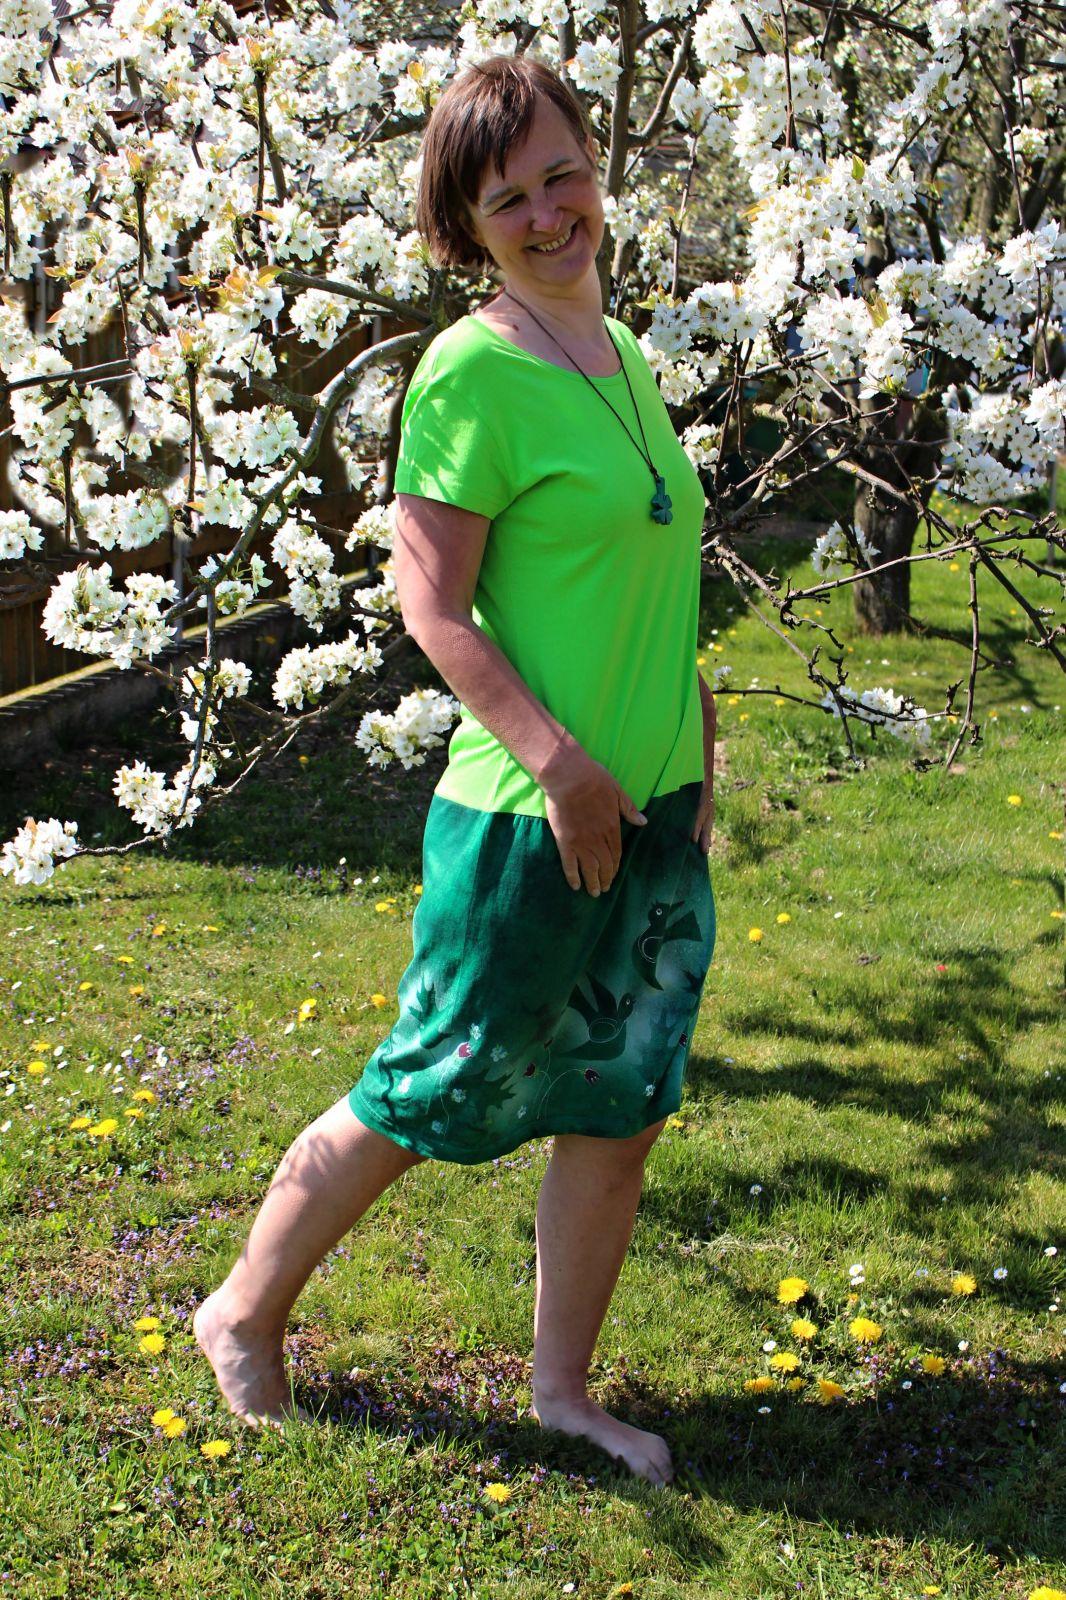 Malované batikované šáty - Ptačí raj Batitex - malovaná, batikovaná trička, šaty, mikiny, šátky, šály, kravaty